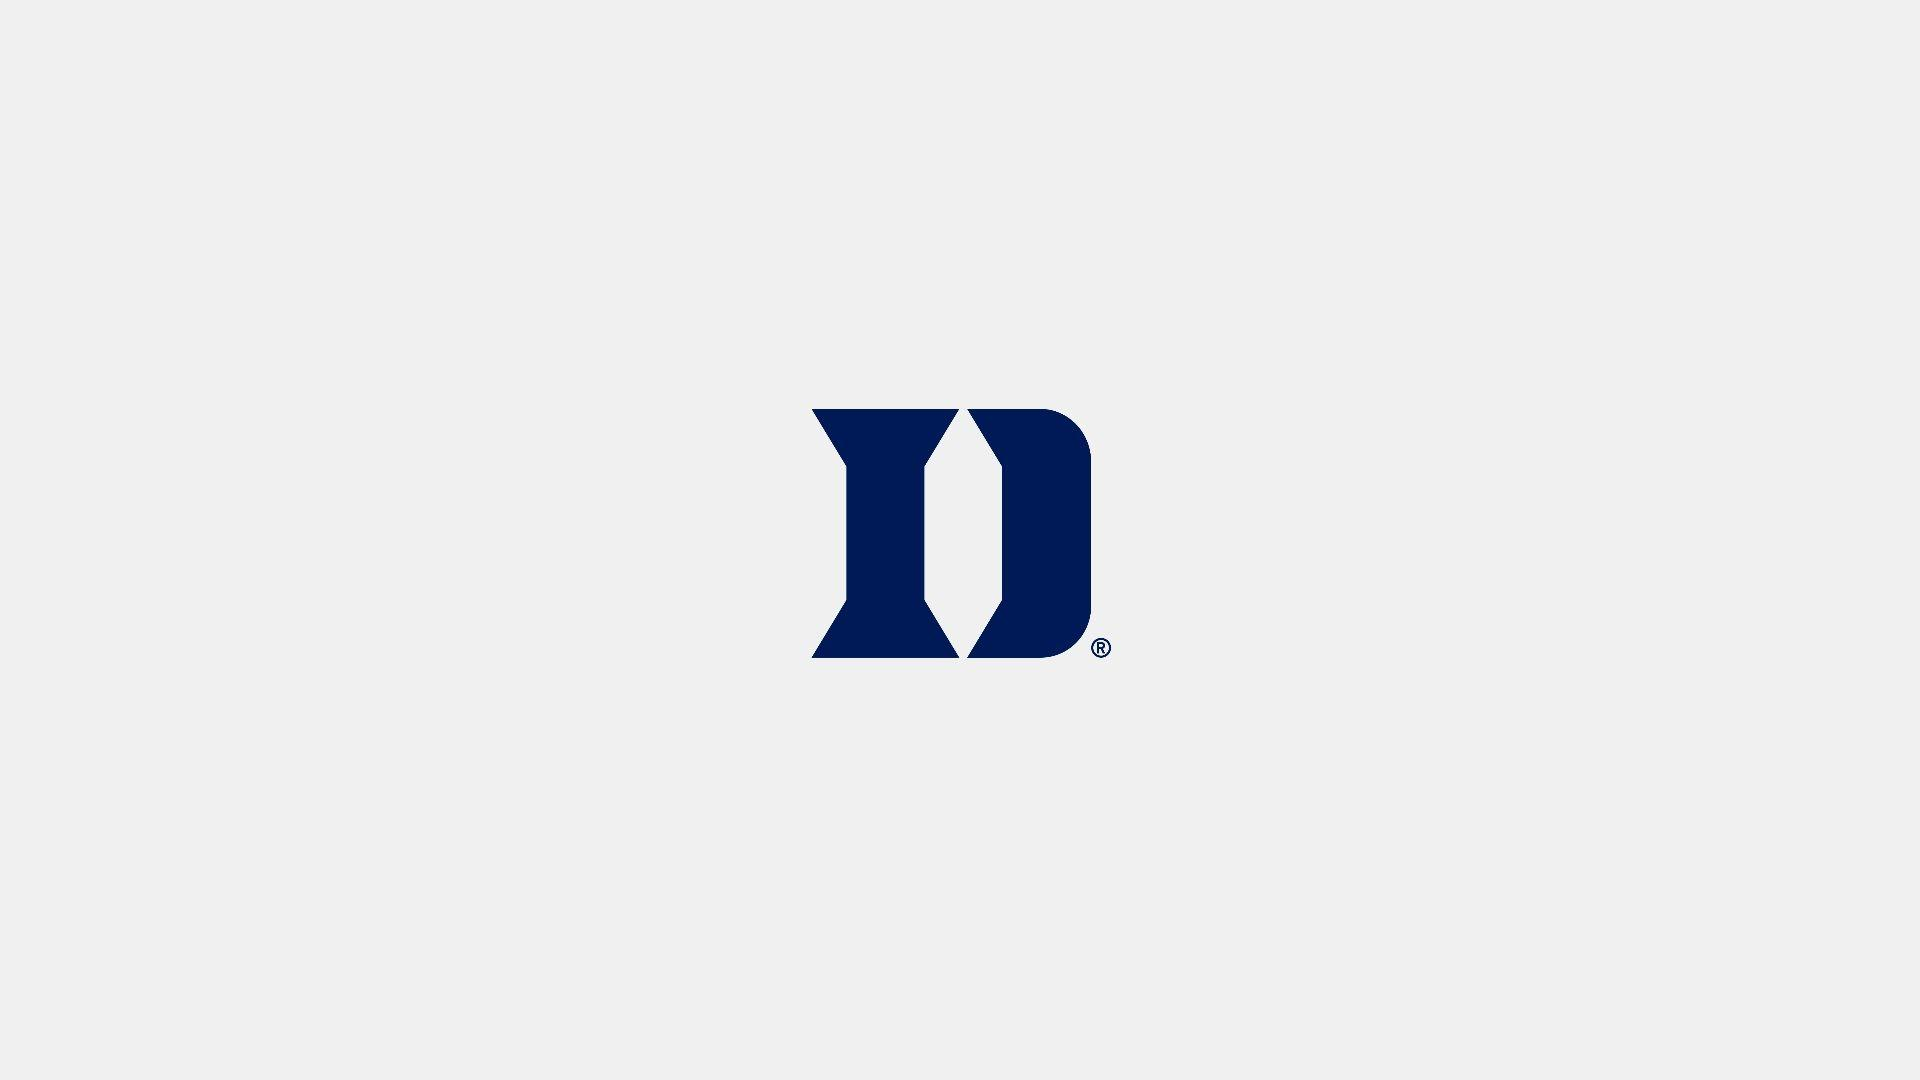 Duke Blue Devils Men's Basketball Wallpapers